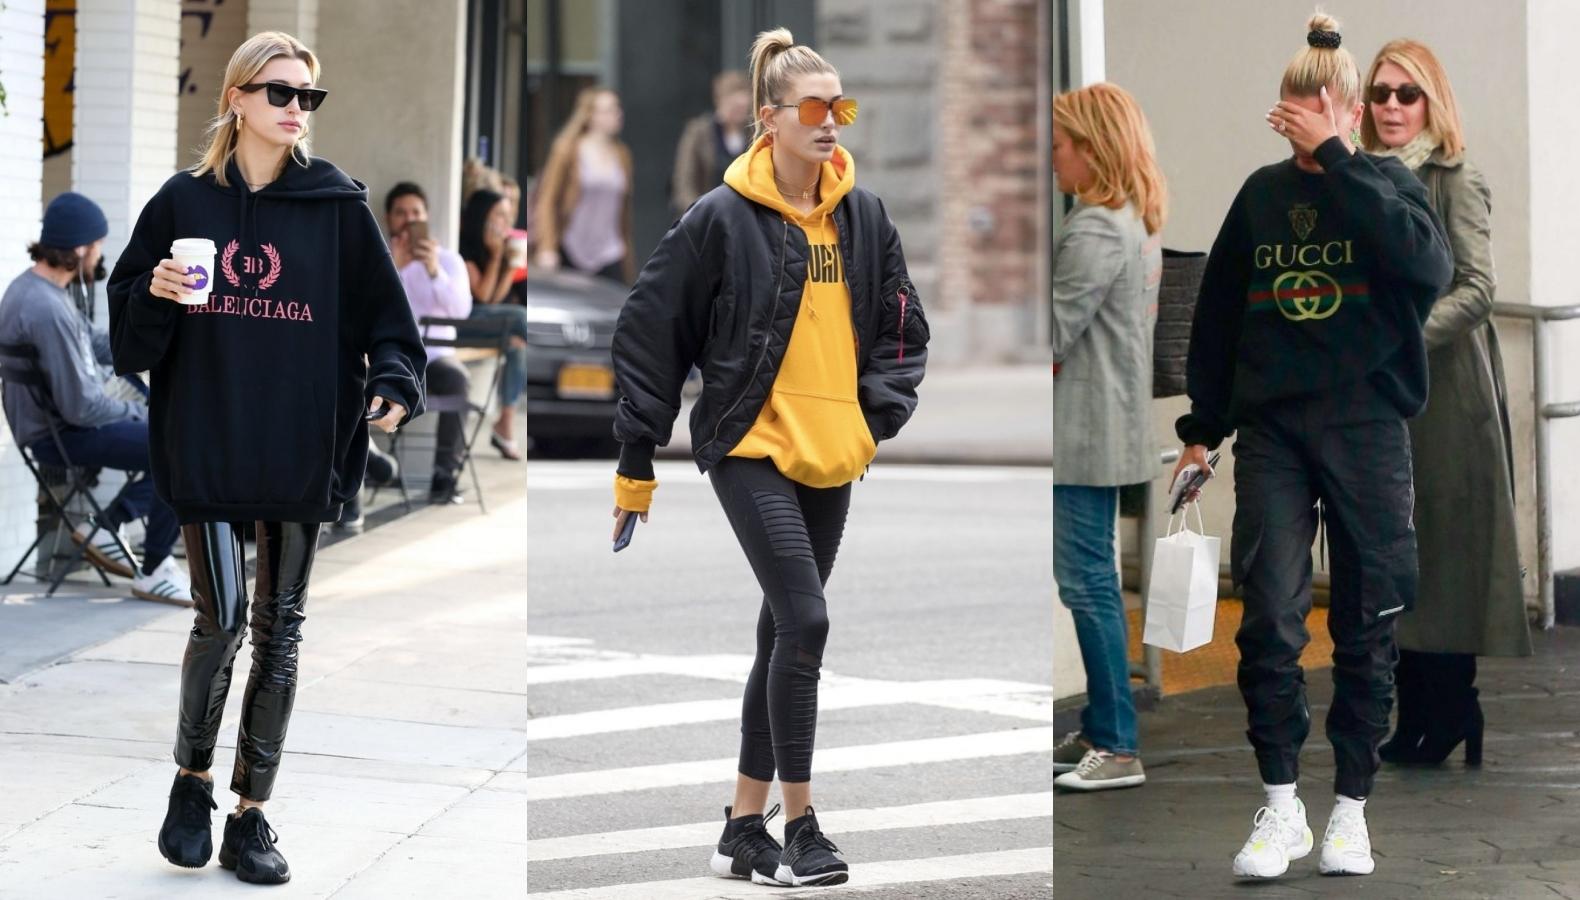 好評不斷的新手人妻Hailey Bieber連穿搭都討喜!不賣弄的『剛好性感運動混搭風』女生也大讚